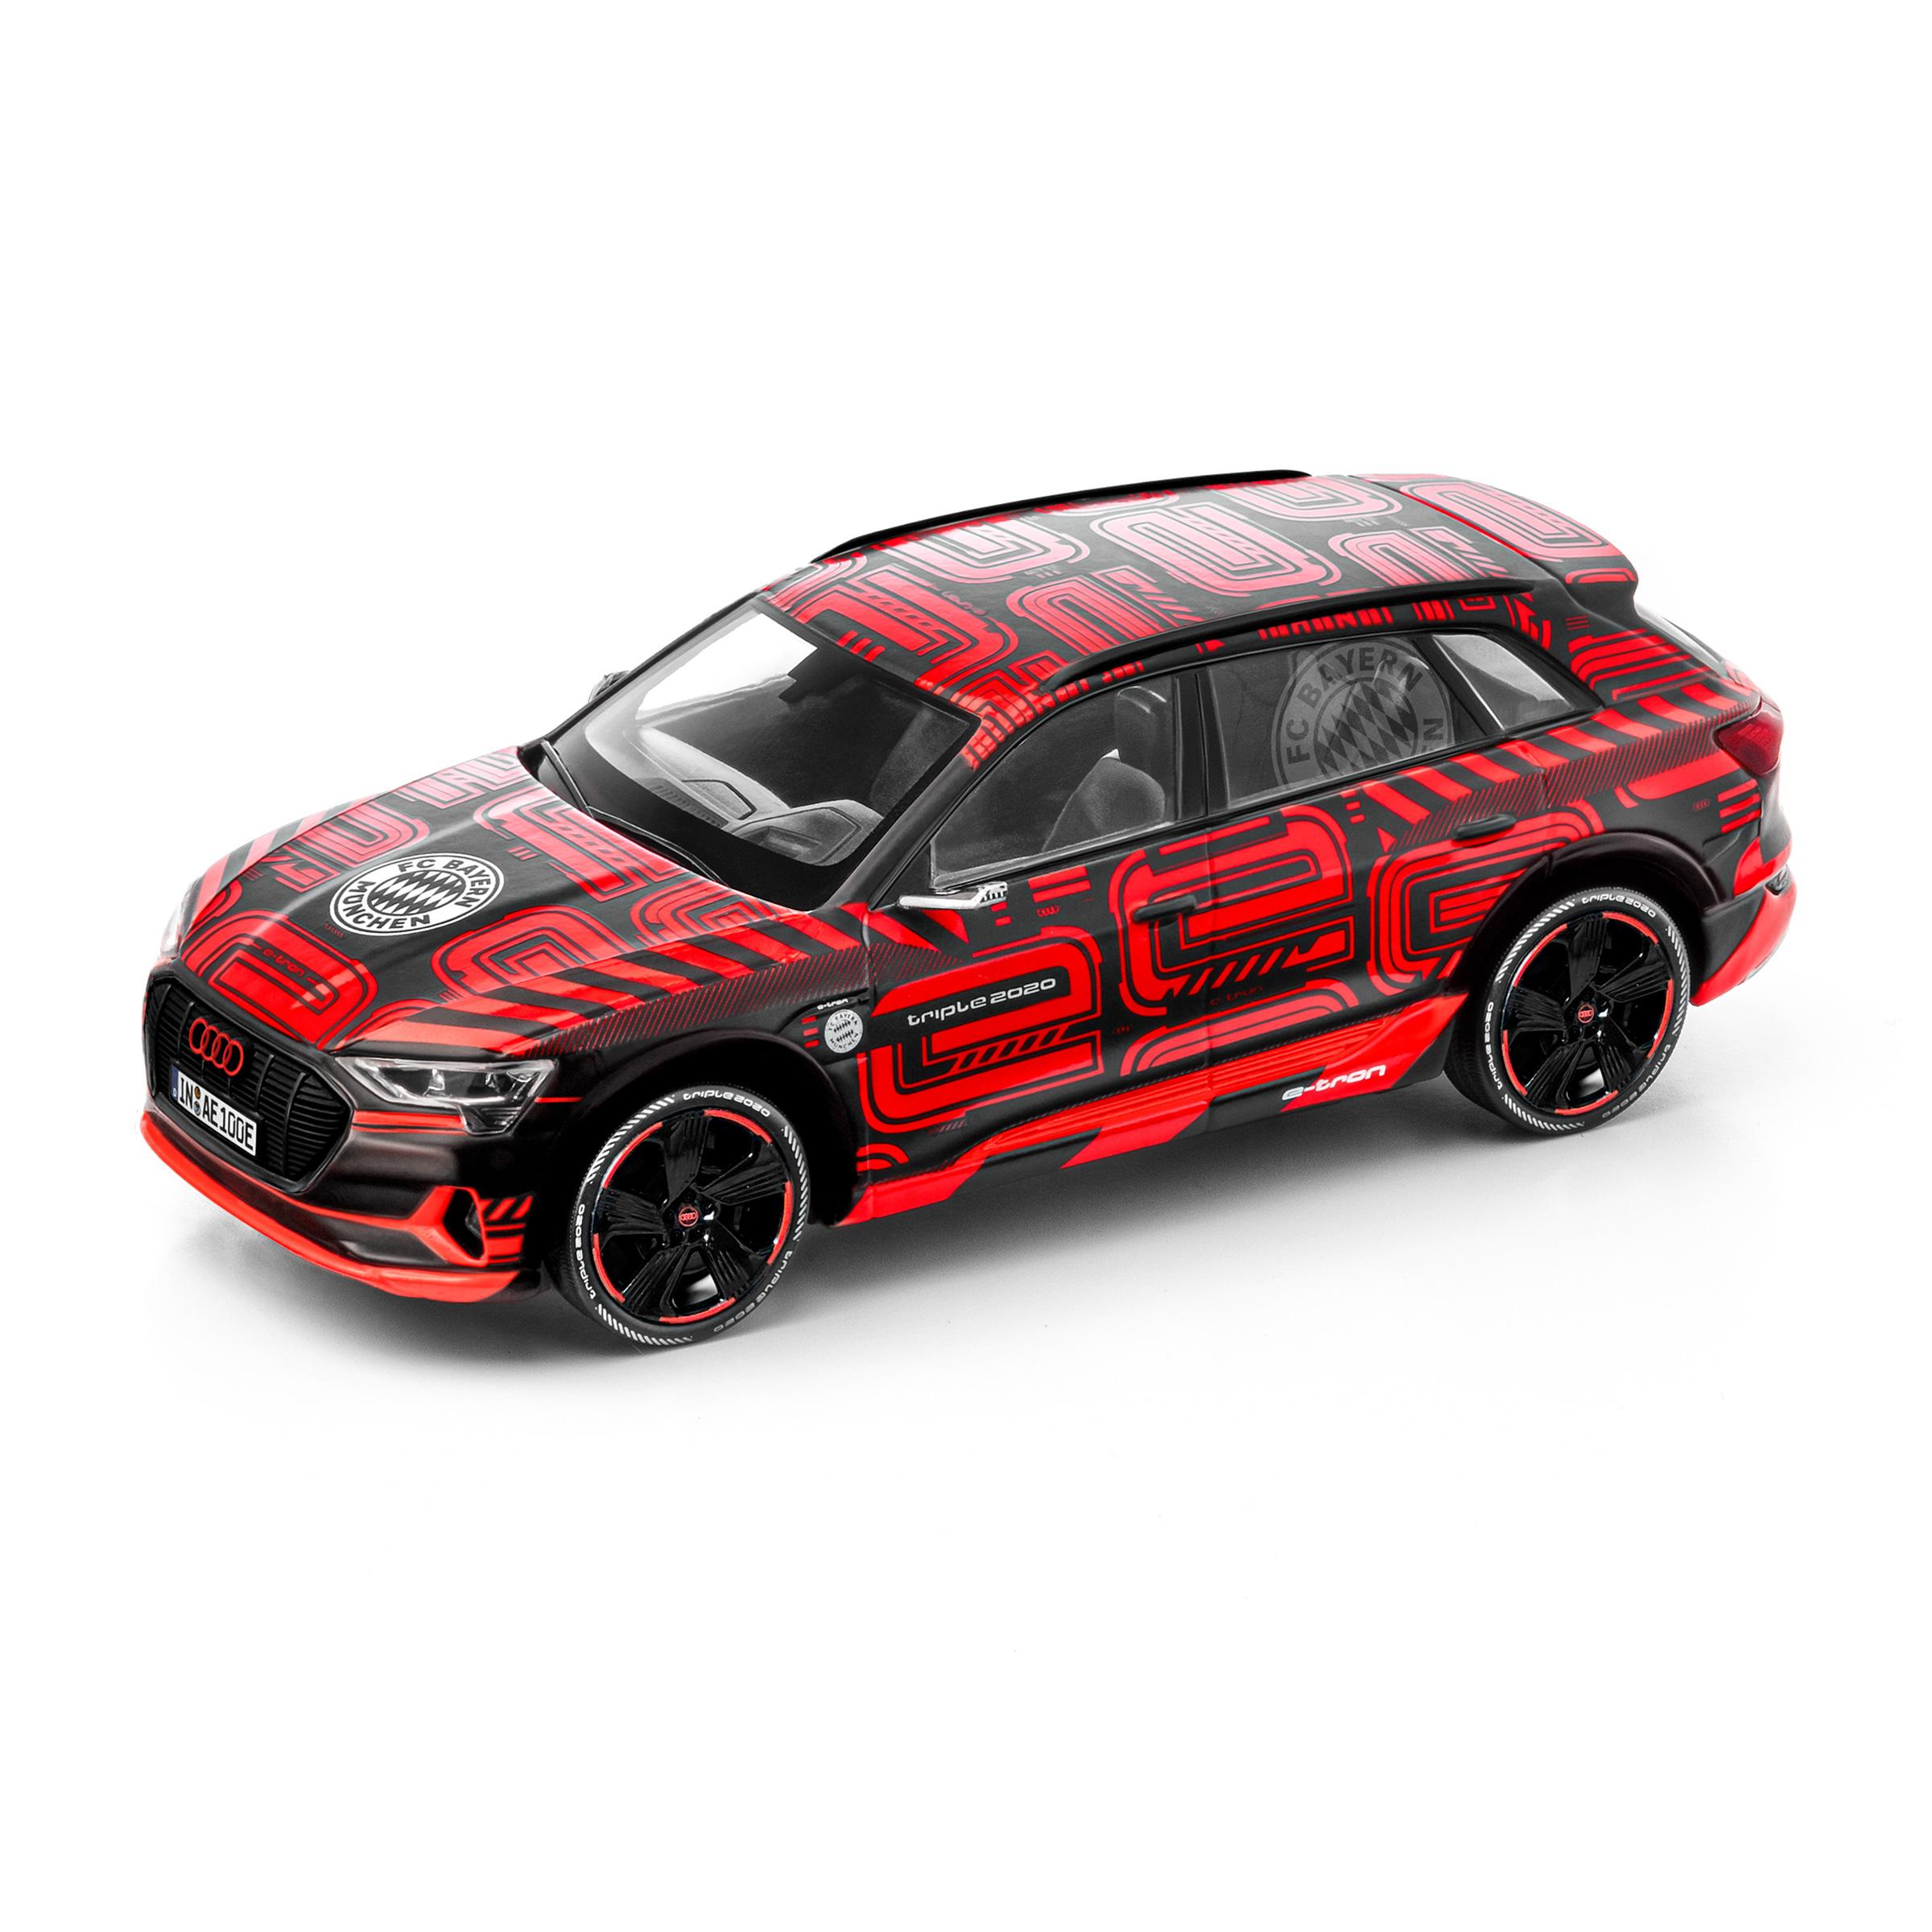 Audi e-tron FC Bayern triple 2020 Limitierte Edition Modellauto 1:43